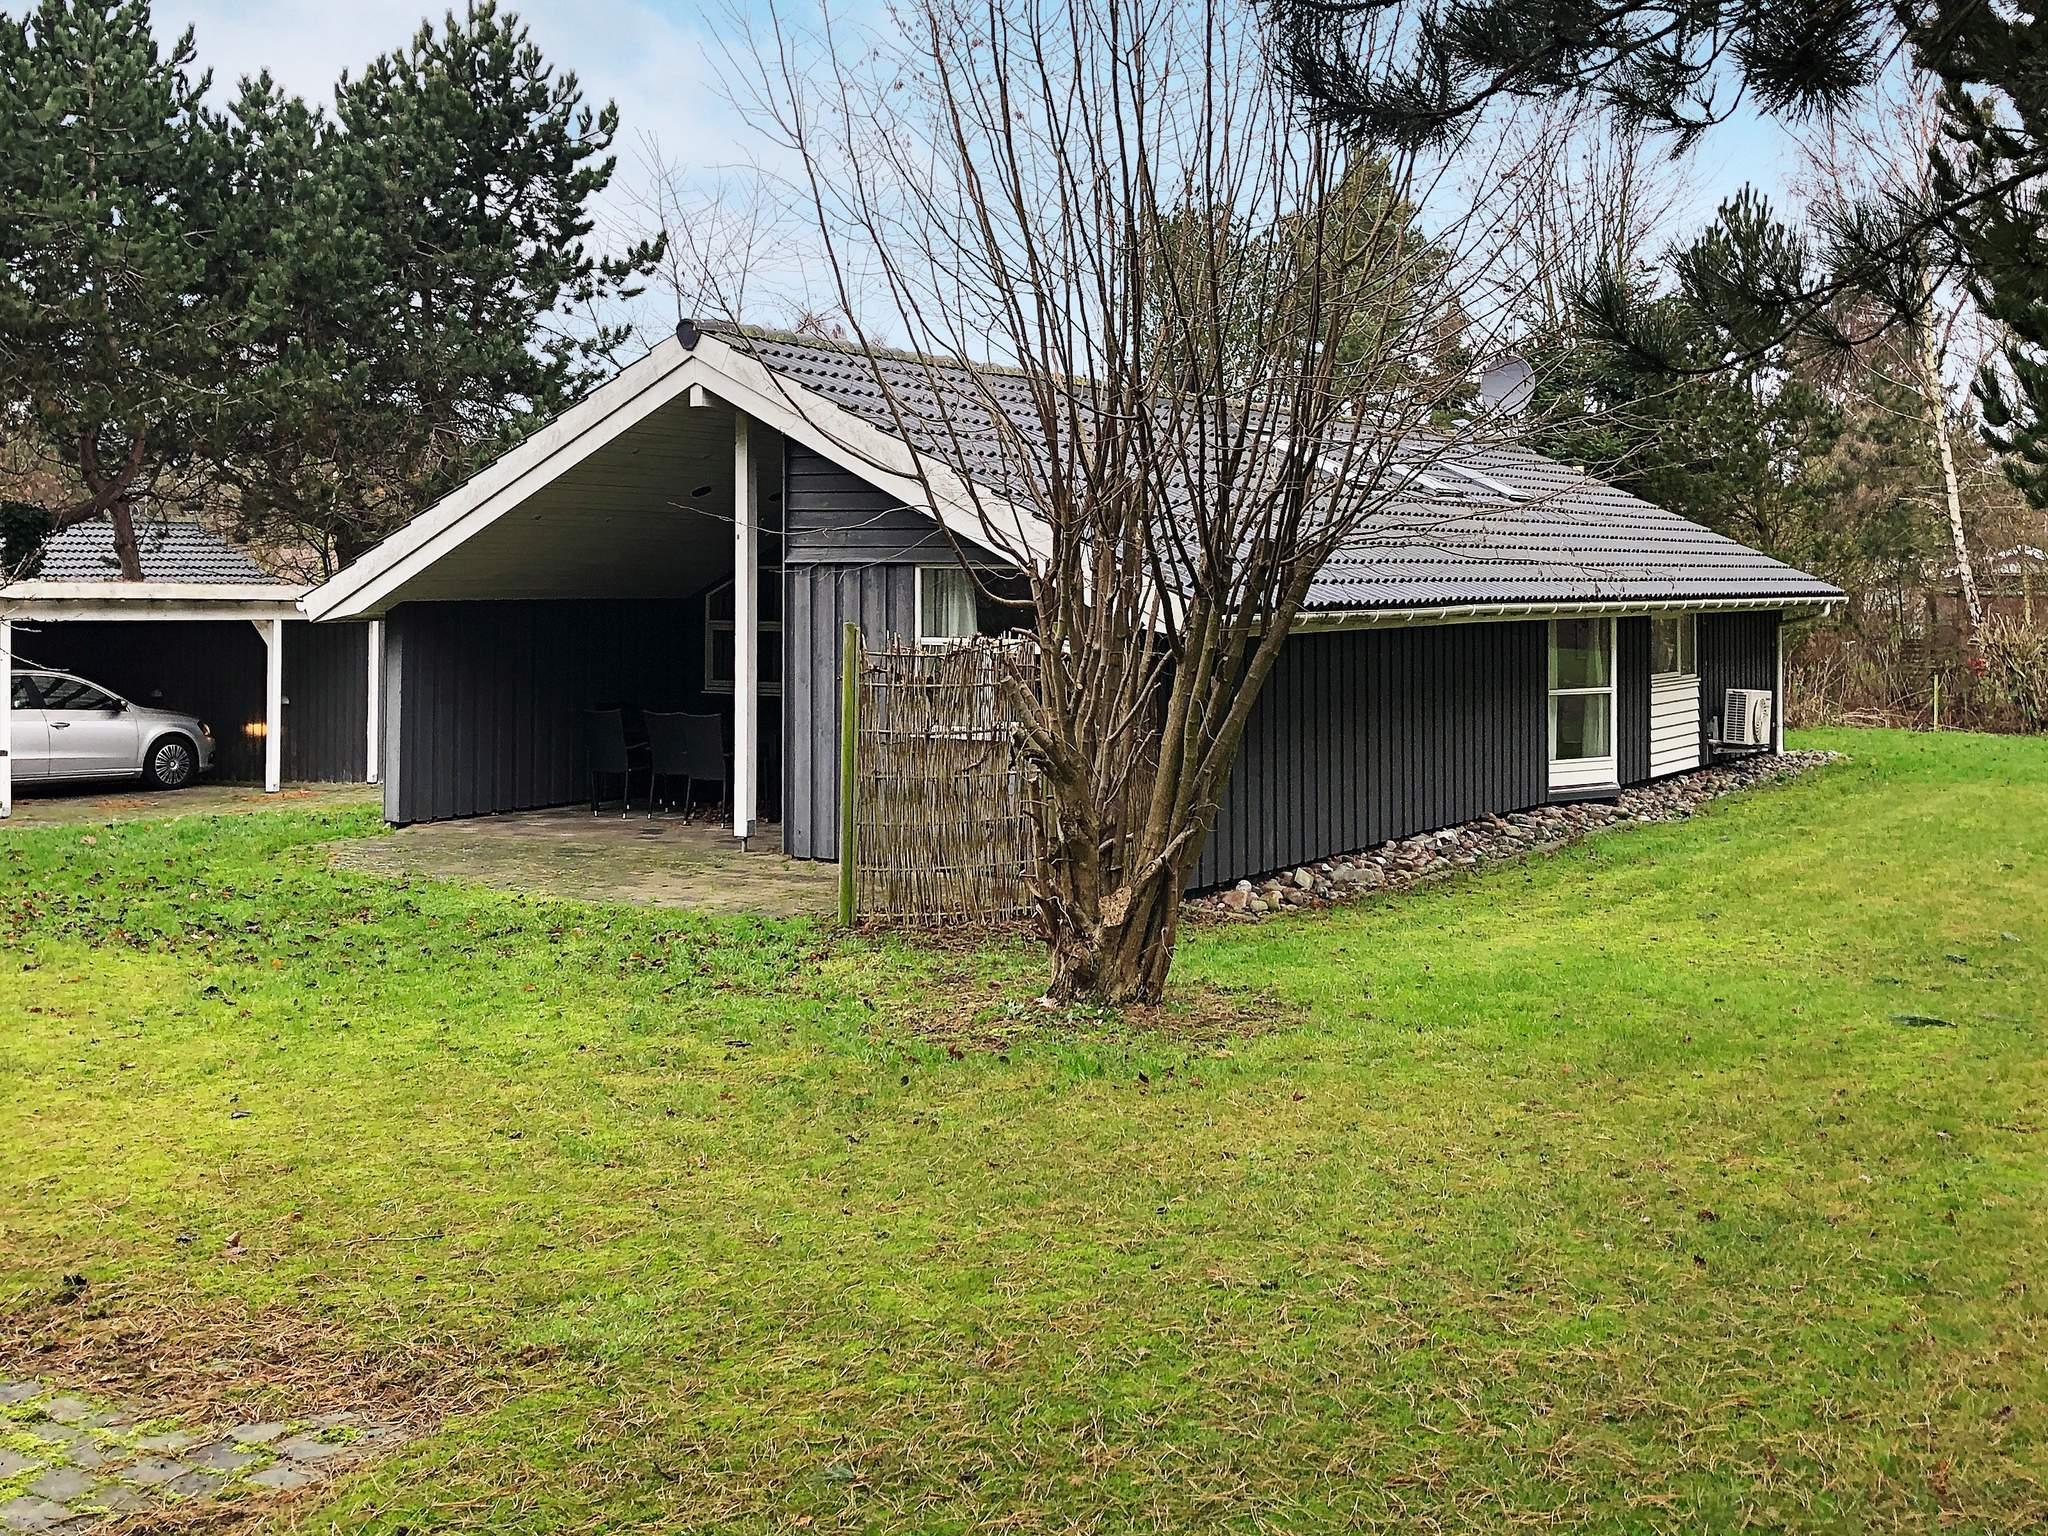 Ferienhaus Udsholt Strand (2523805), Udsholt, , Nordseeland, Dänemark, Bild 15